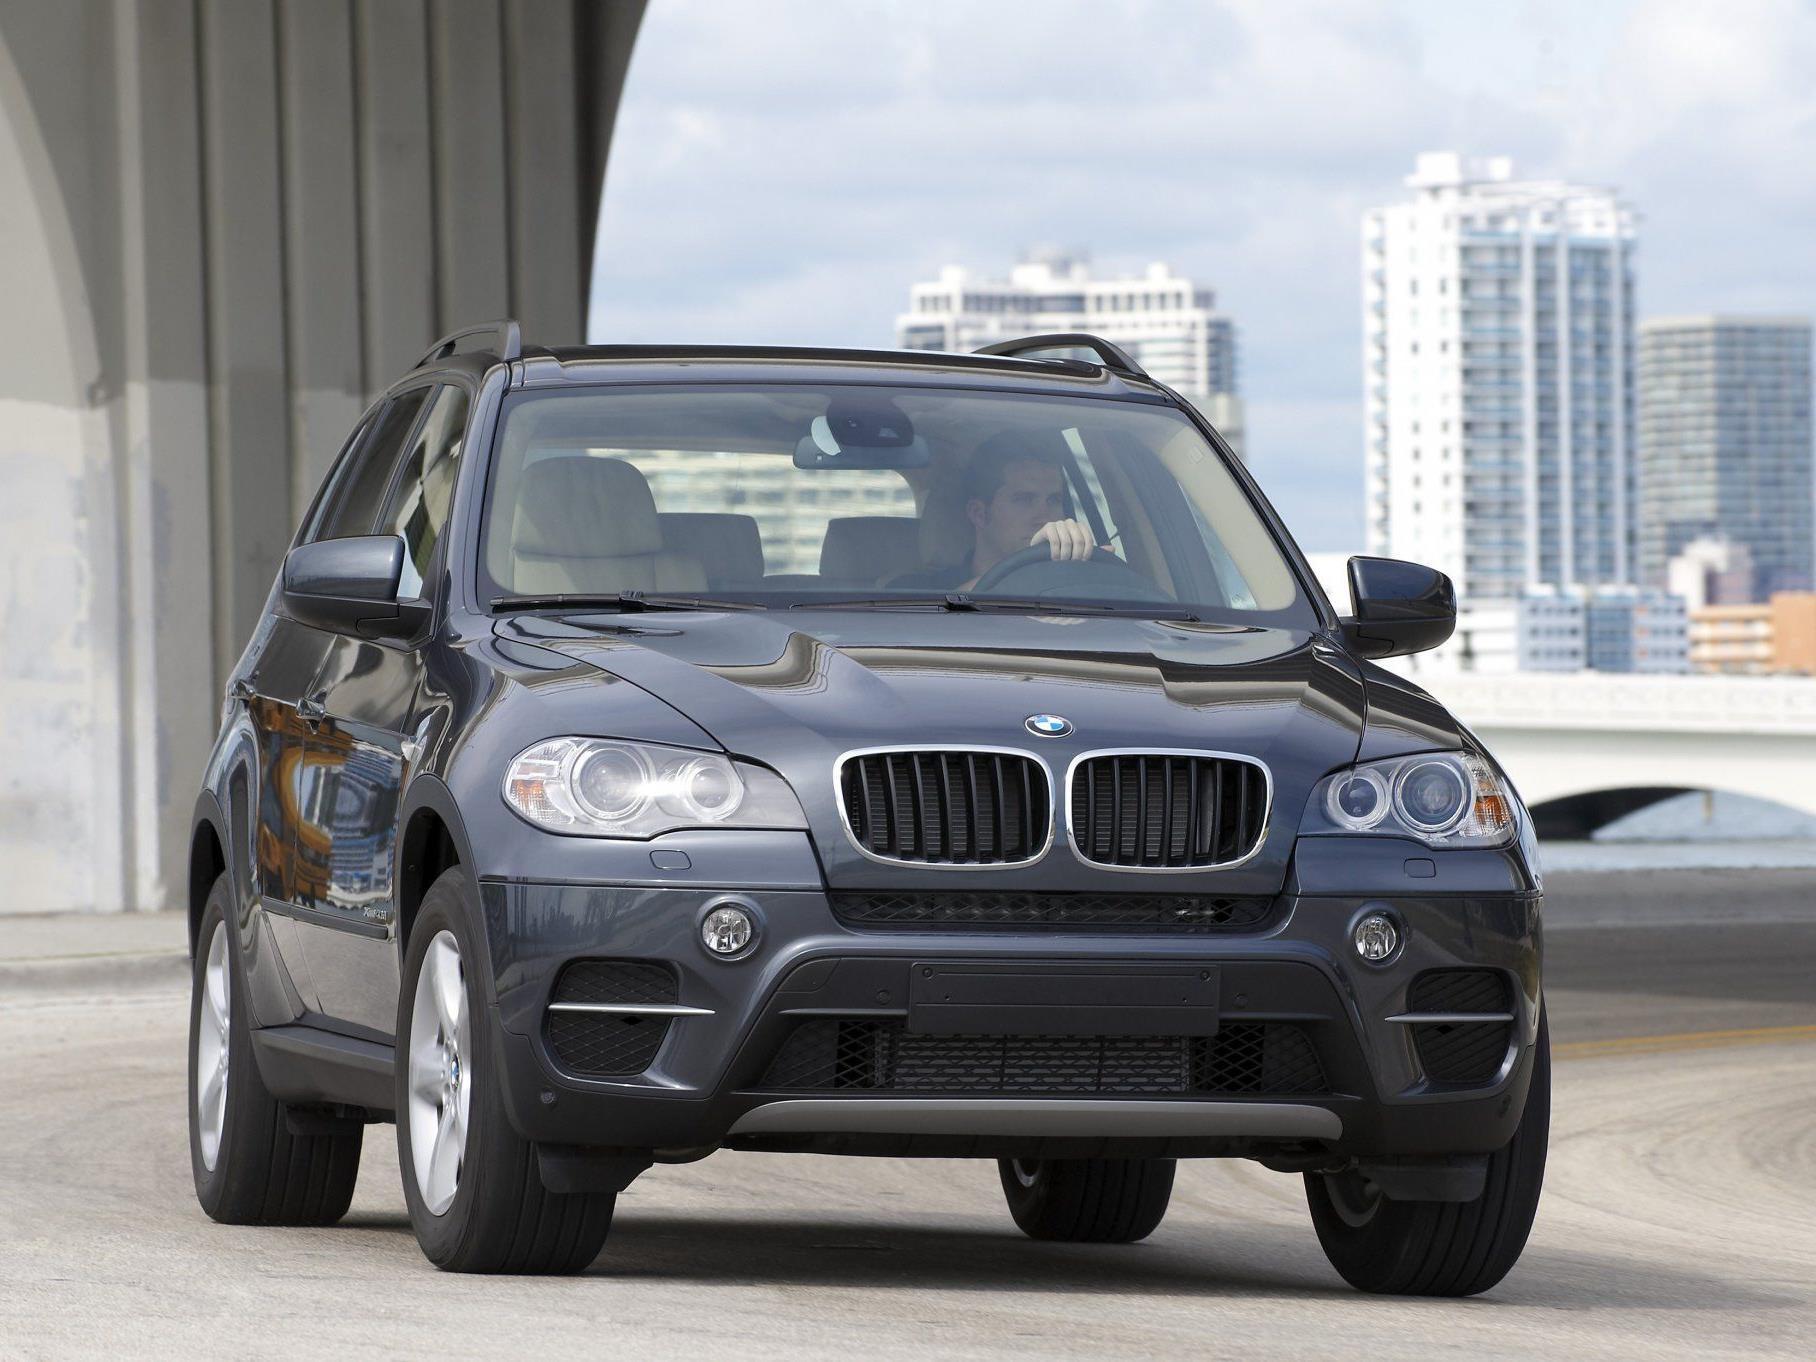 Ein BMW X5 wurde in der Schweiz gestohlen und bei Bludenz sichergestellt.